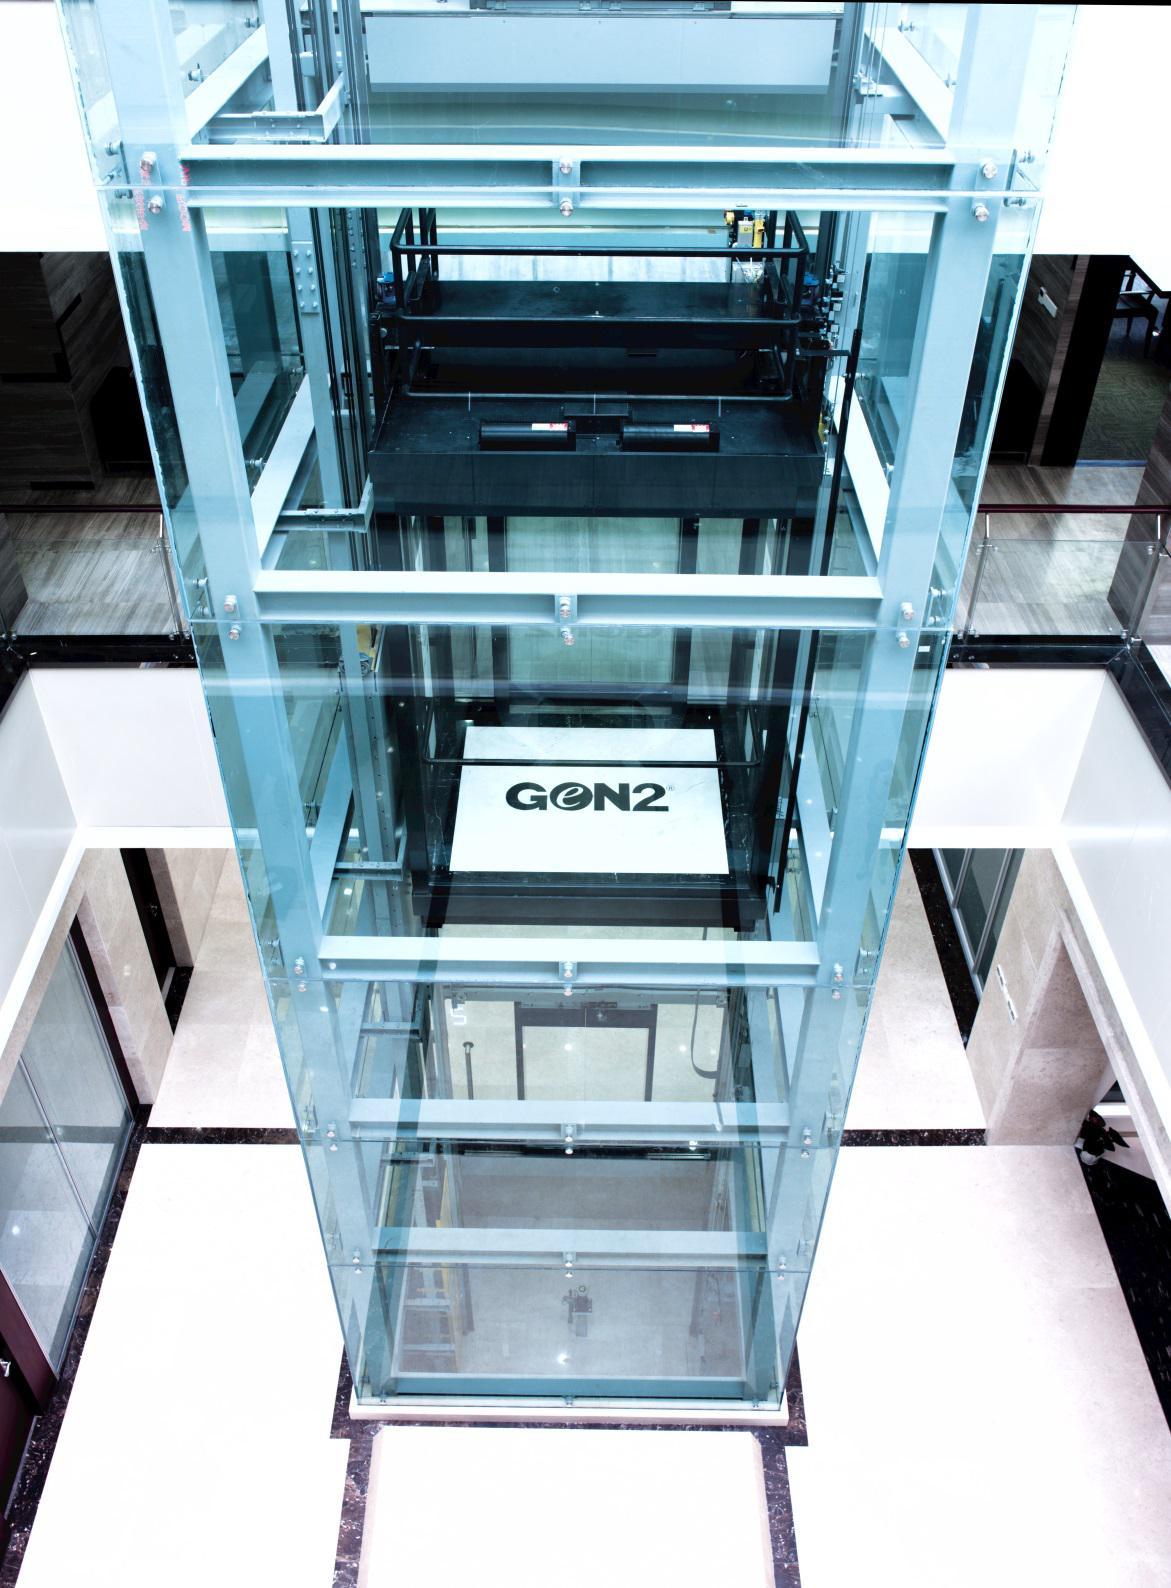 近日,西子奥的斯电梯有限公司旗下的节能小机房电梯Gen2-MR?荣获中国机械工业科学技术奖。    我们非常荣幸能够获得这一权威奖项,这是对西子奥的斯以创新电梯技术支持中国绿色建筑发展理念的有力认可。西子奥的斯总裁张伟聪表示,该奖项将进一步驱动我们,继续通过先进的电梯技术,为社会创造更好的生活和工作环境。   作为安全、可靠、舒适的新一代产品,小机房乘客电梯全面降低了能源消耗。Gen2-MR?